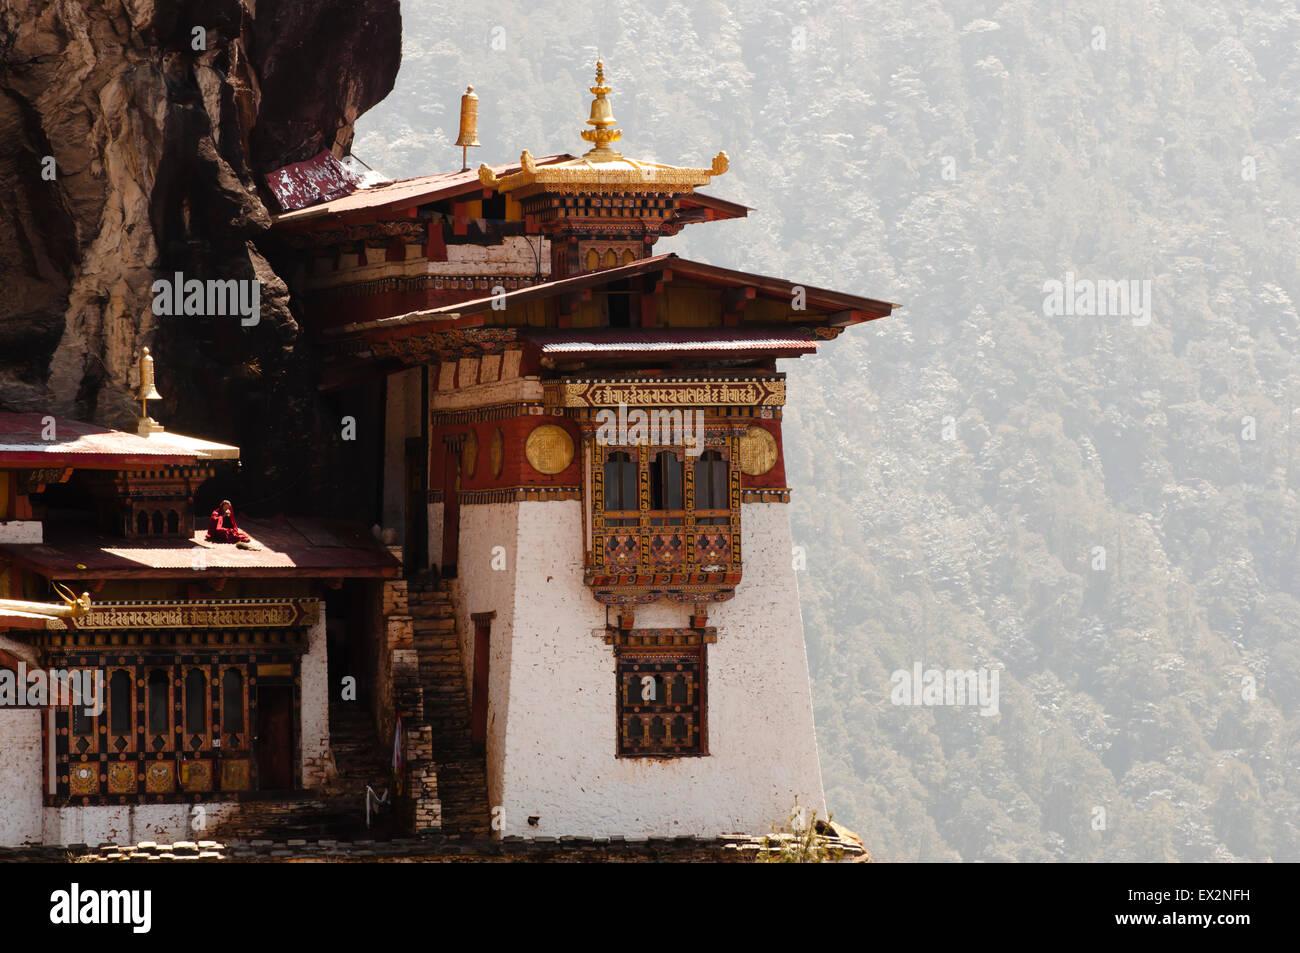 Taktsang Monastery (Tiger's Nest) - Bhutan - Stock Image